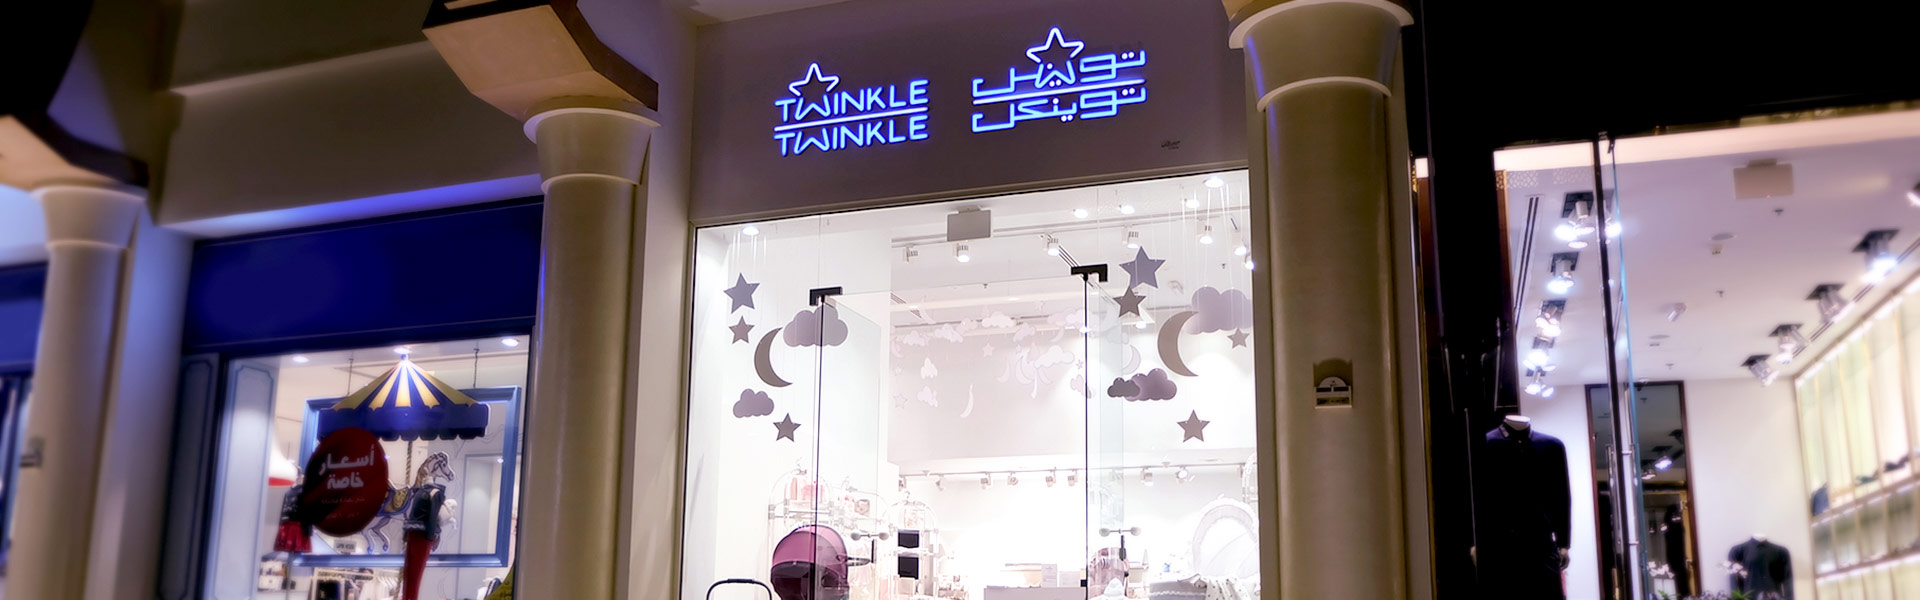 - TwinkleTwinkle_Exterior01.jpg